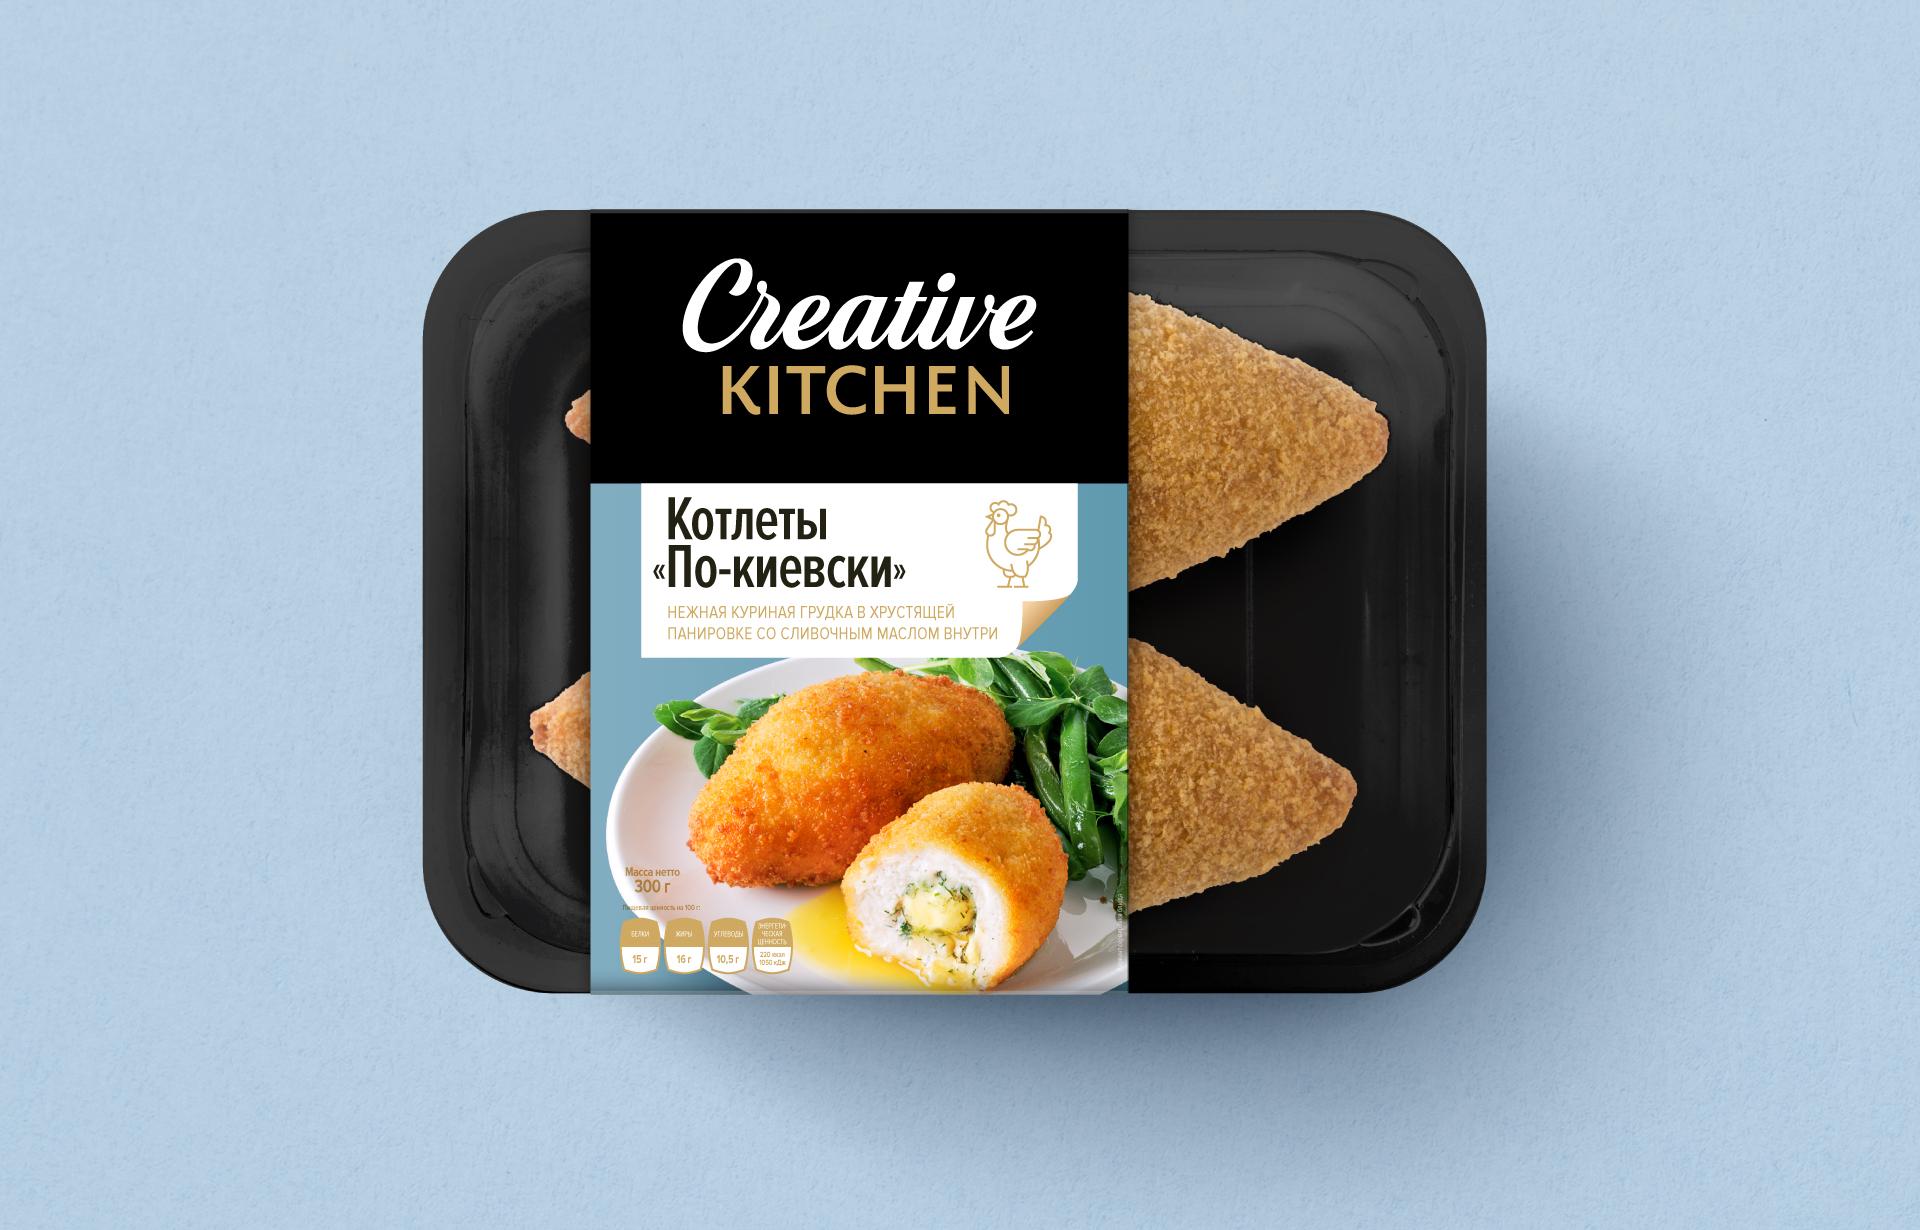 Дизайн упаковки «Creative Kitchen» раскрывает изысканный вкус и позиционирование продукта в сегменте высокой гастрономии.